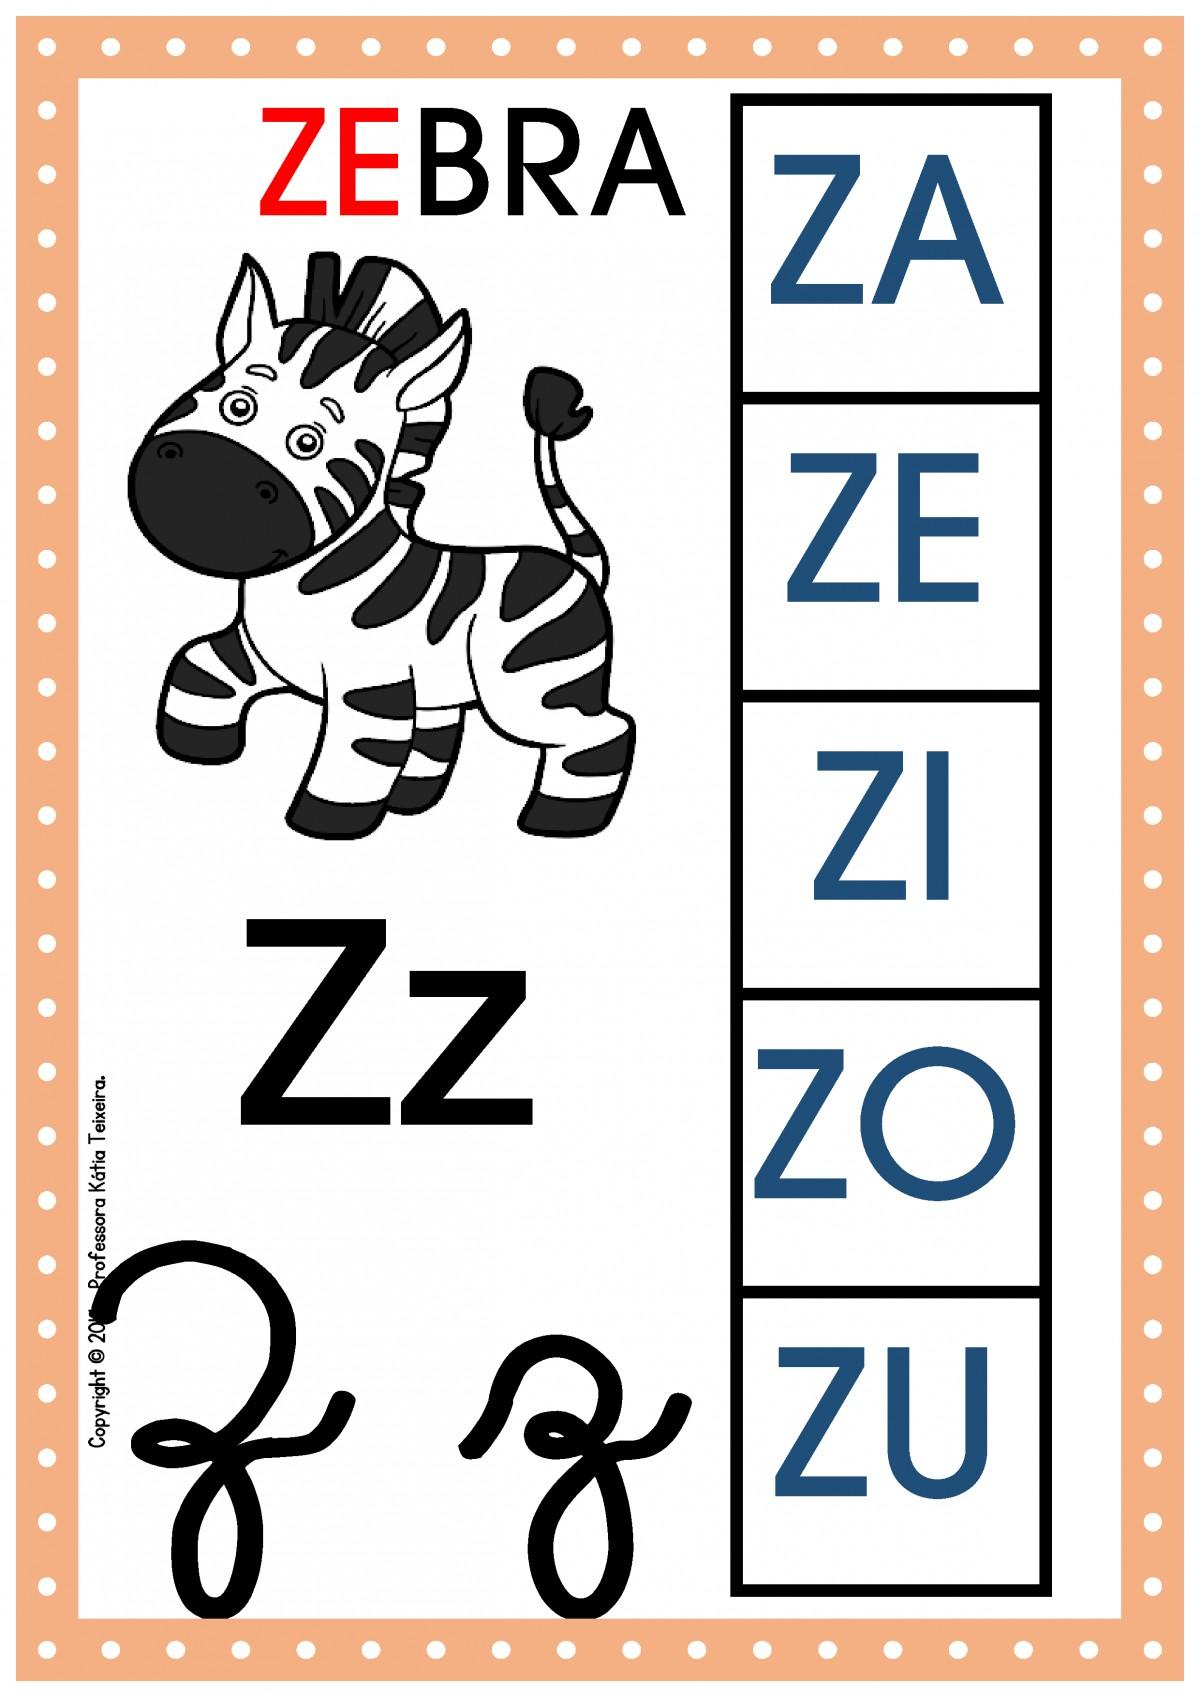 Foto2 - Alfabeto 4 tipos de letras com sílabas